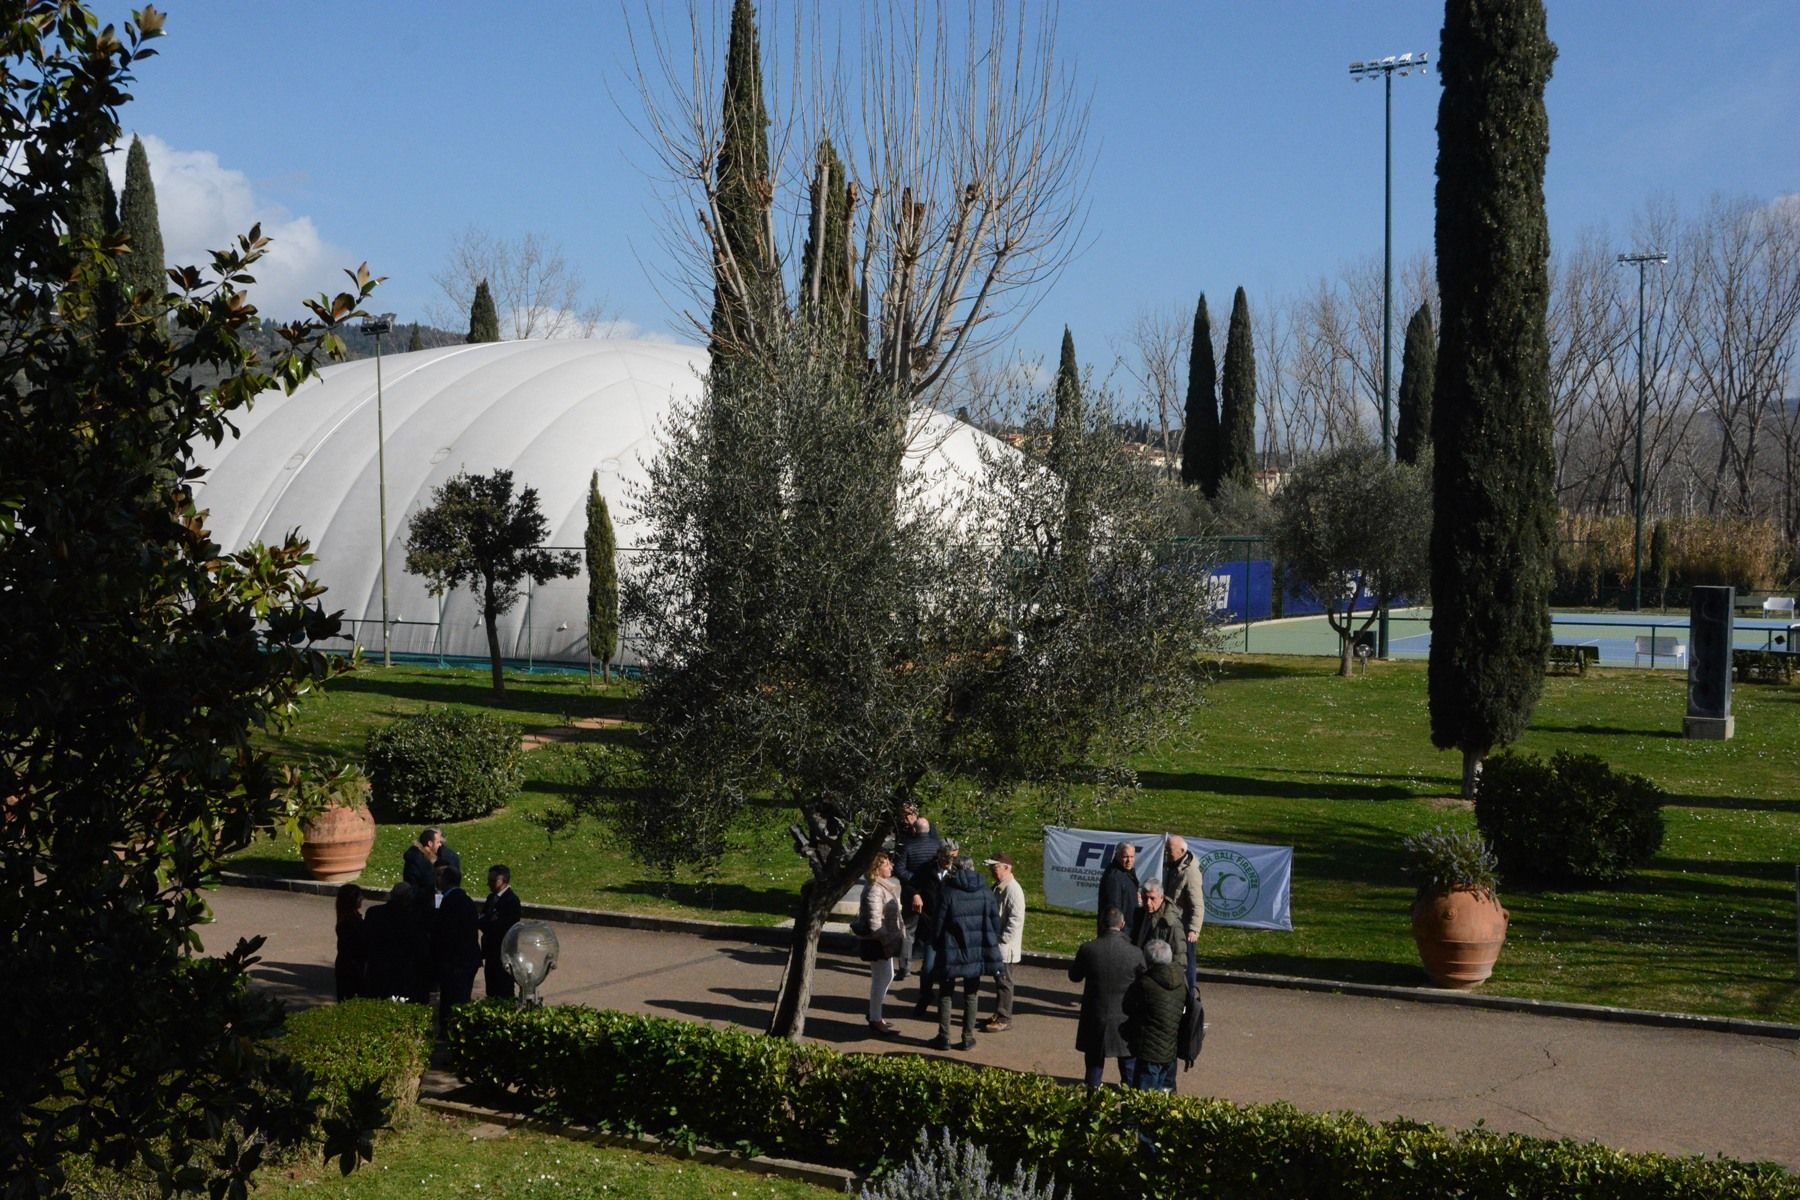 Il Match Ball Firenze primo circolo a sostegno dei soci e dei collaboratori. Orgogliosi del nostro tennis